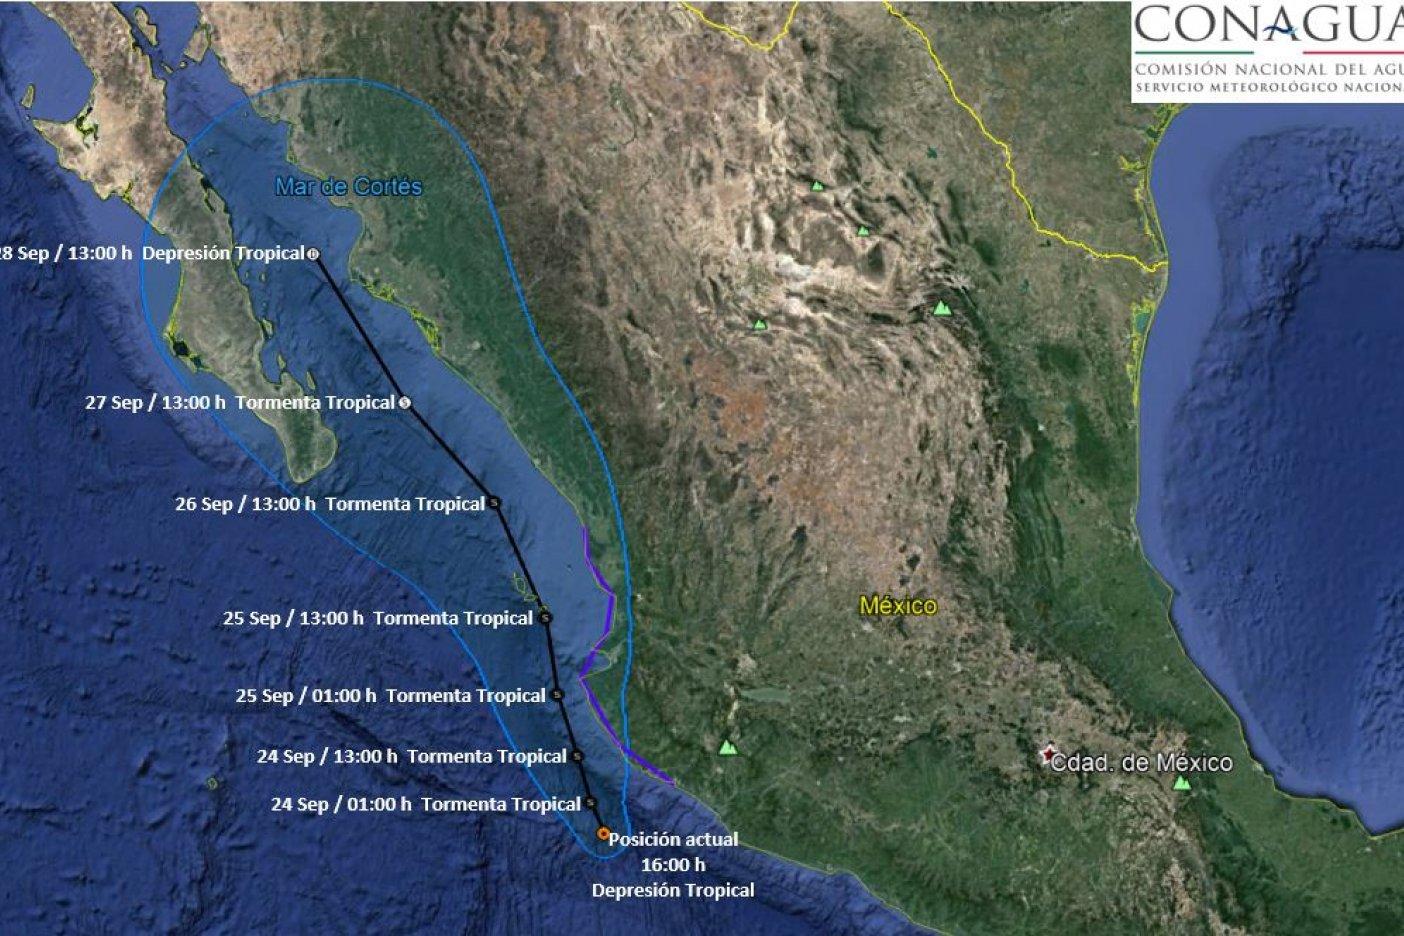 Seguirán tormentas fuertes en Michoacán por nueva depresión tropical